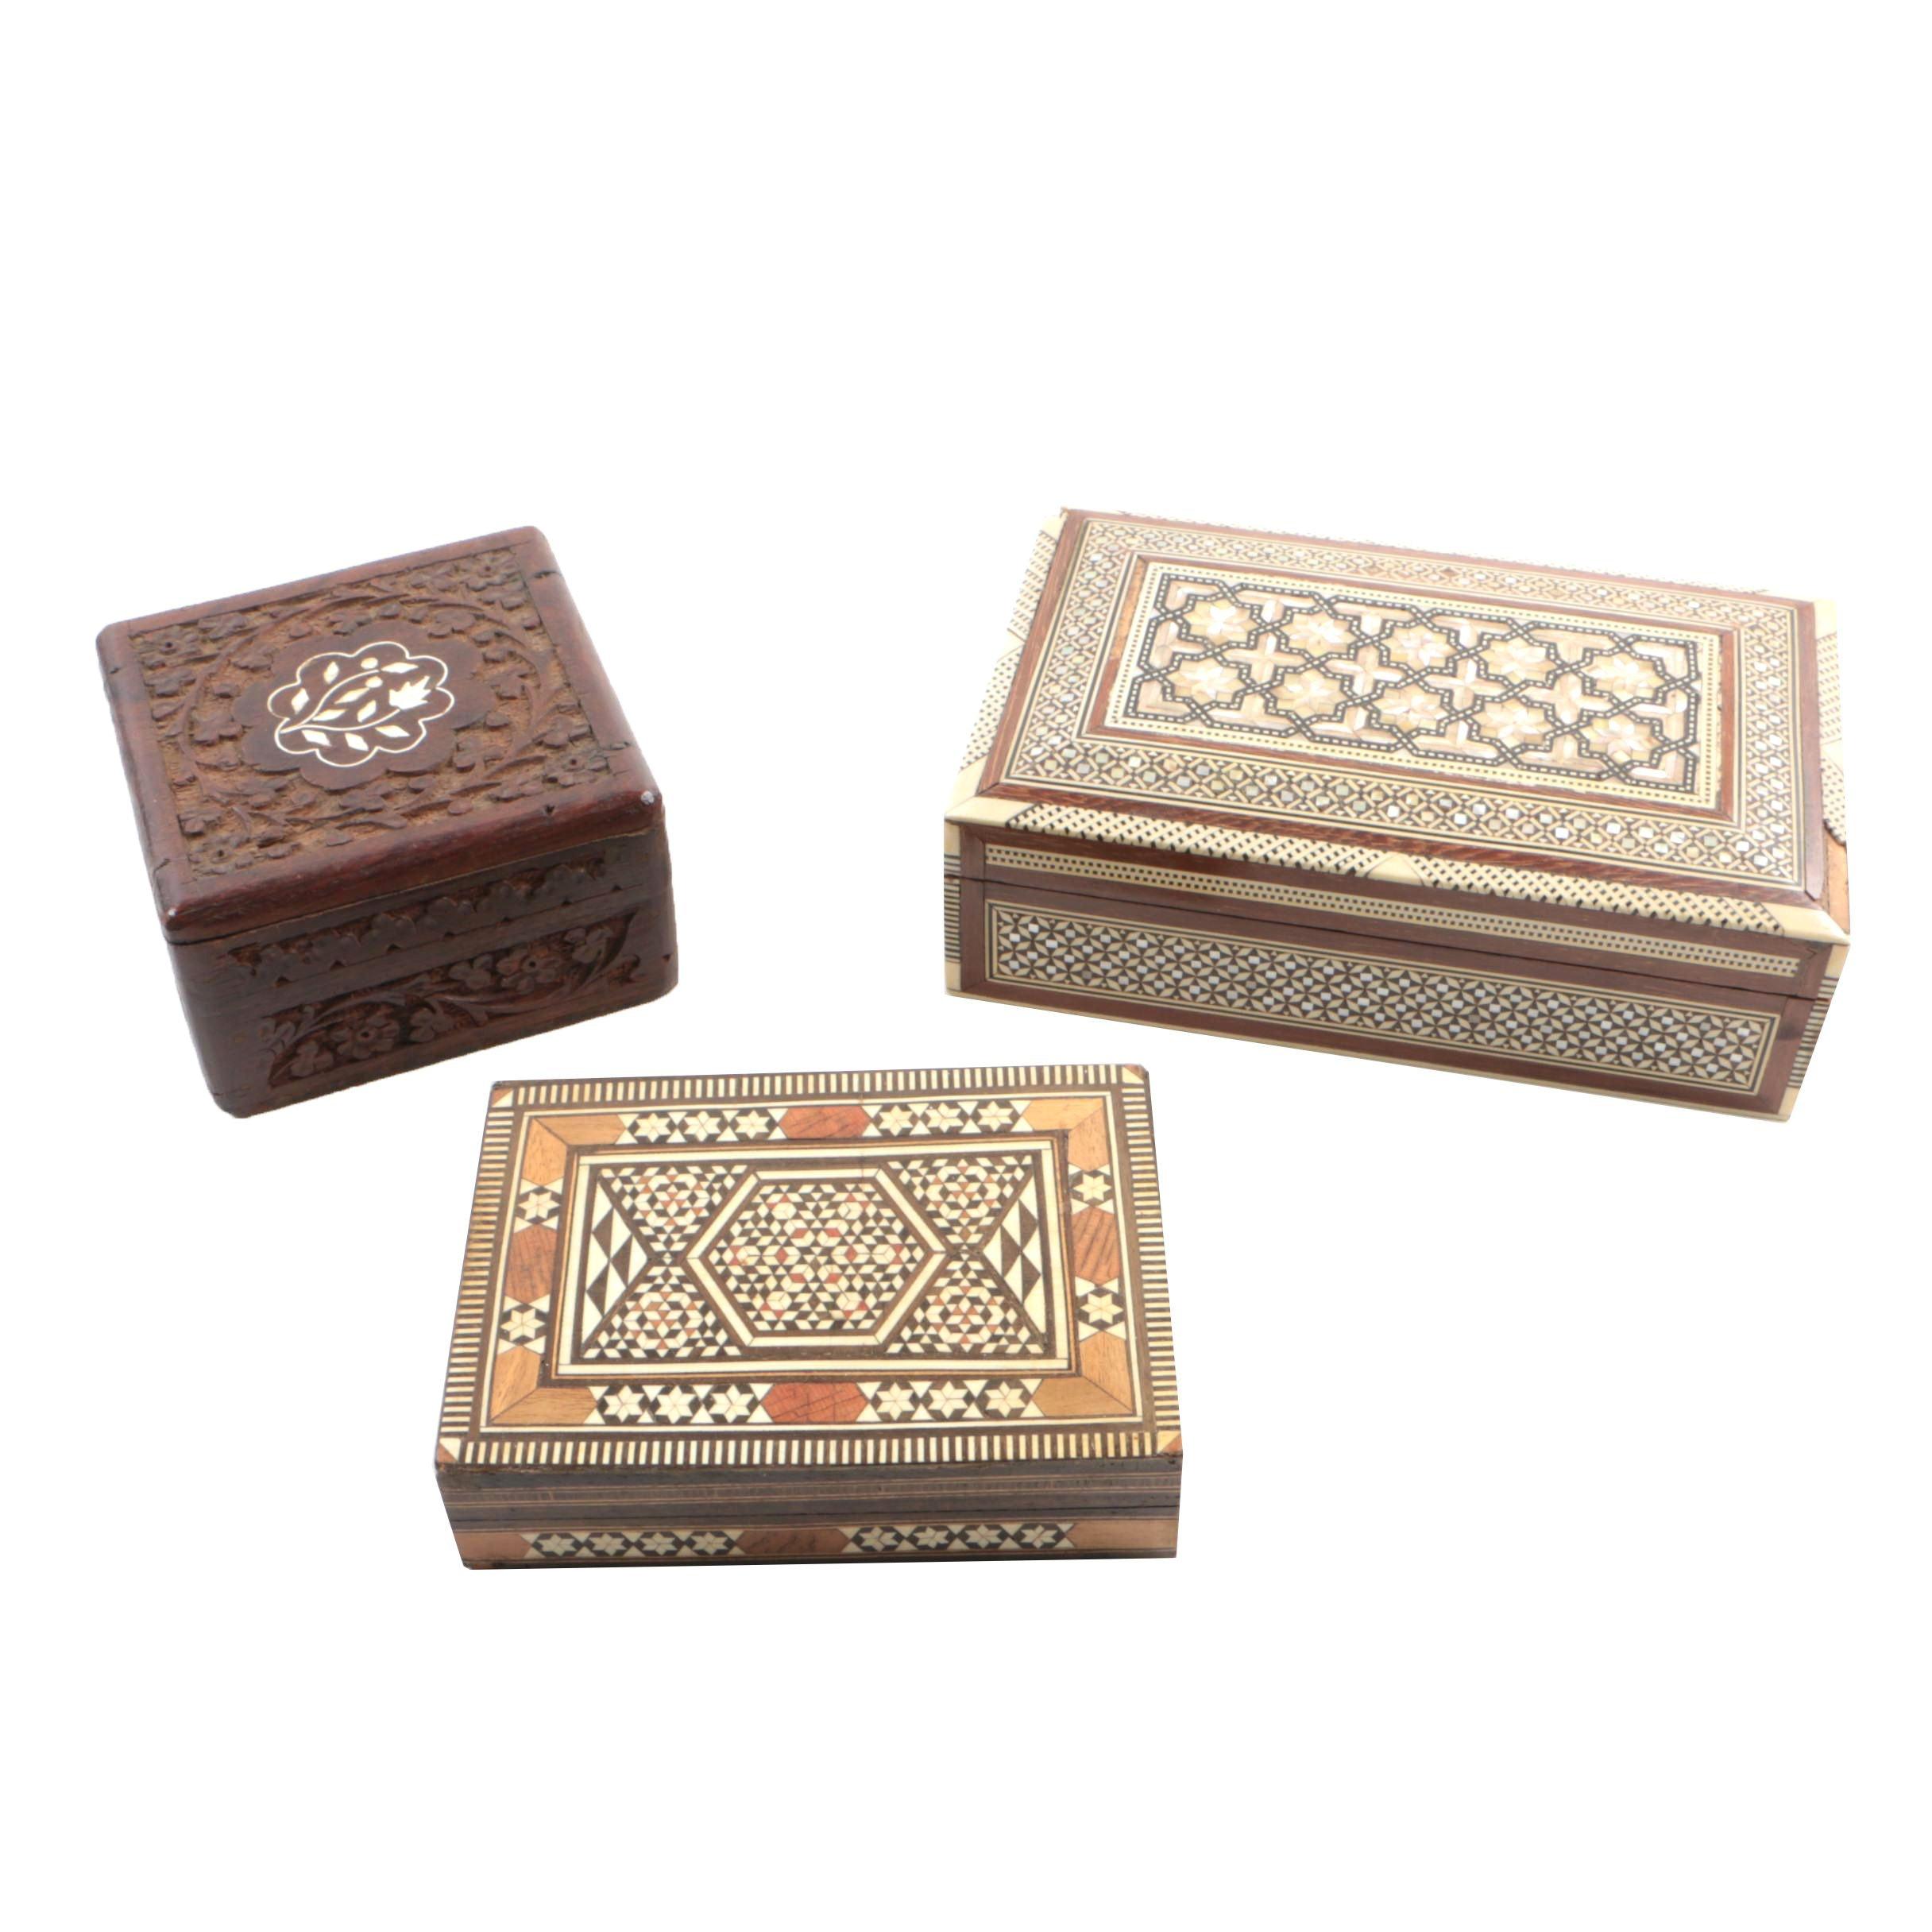 Three Syrian Bone-Inlaid Walnut Boxes, 20th Century